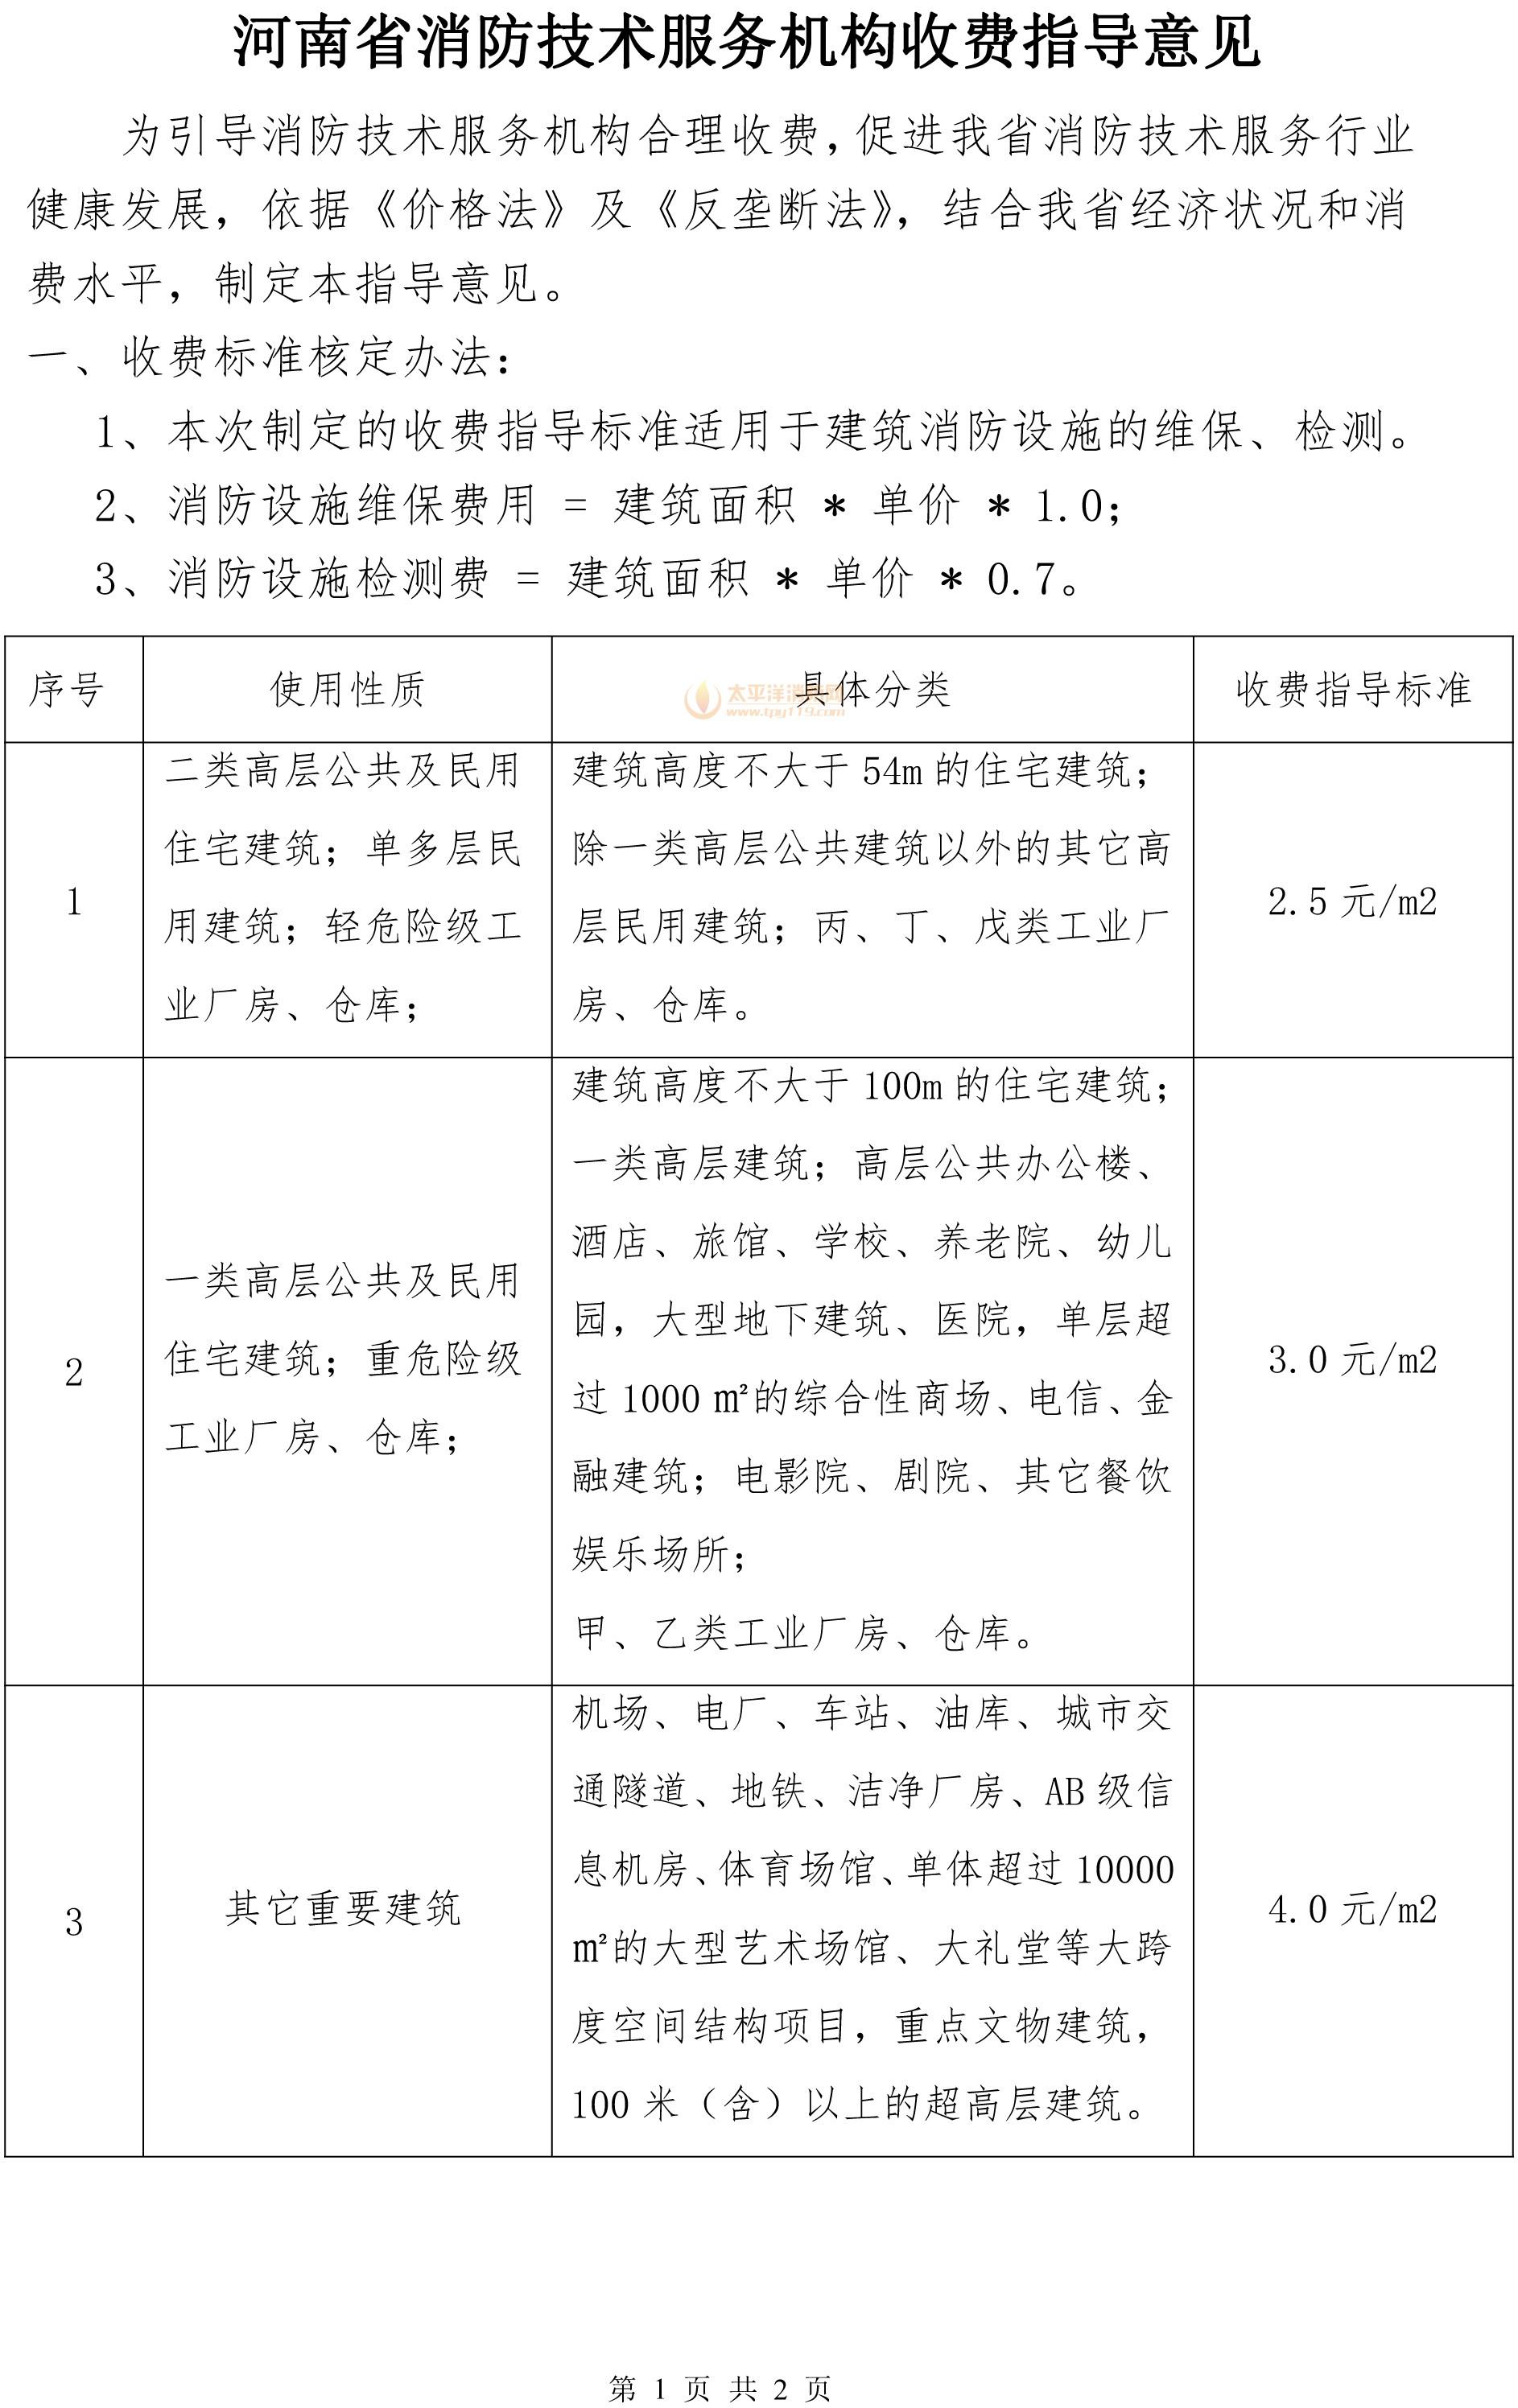 河南省消防维保检测收费指导价格